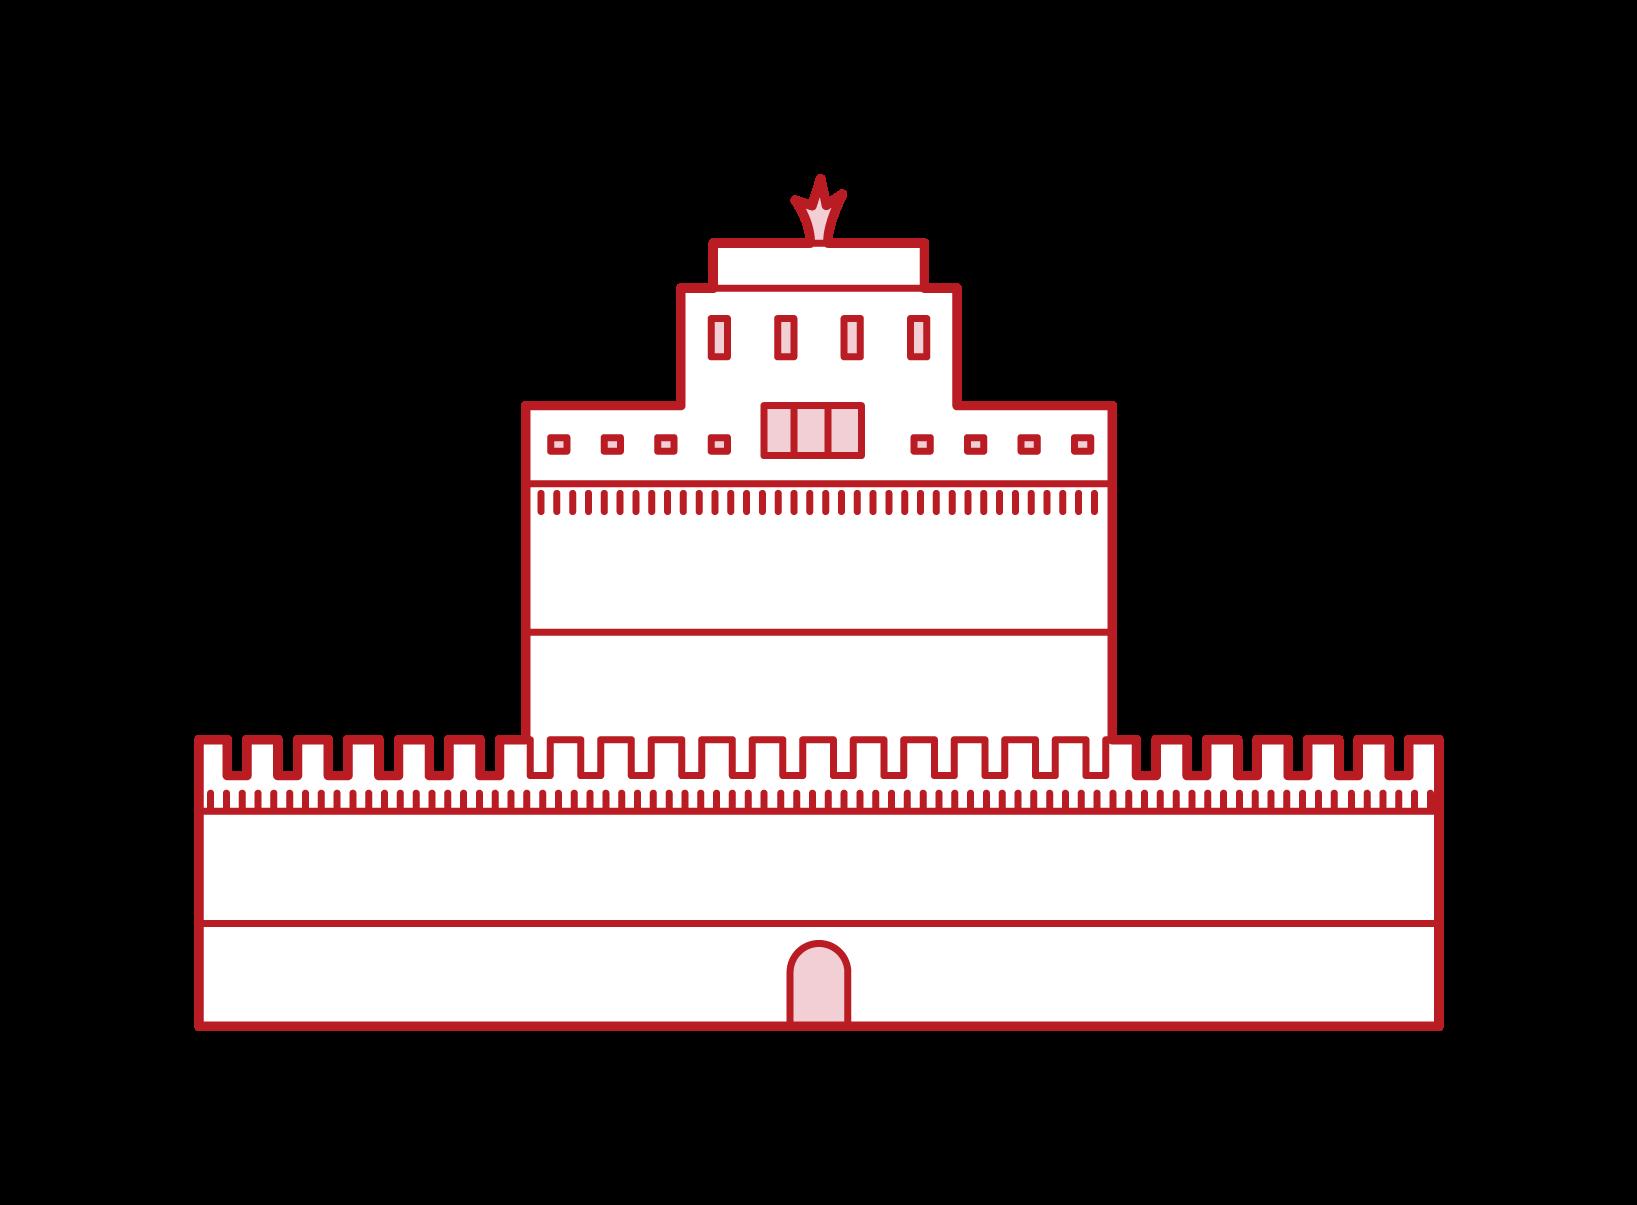 聖安傑洛城堡插圖